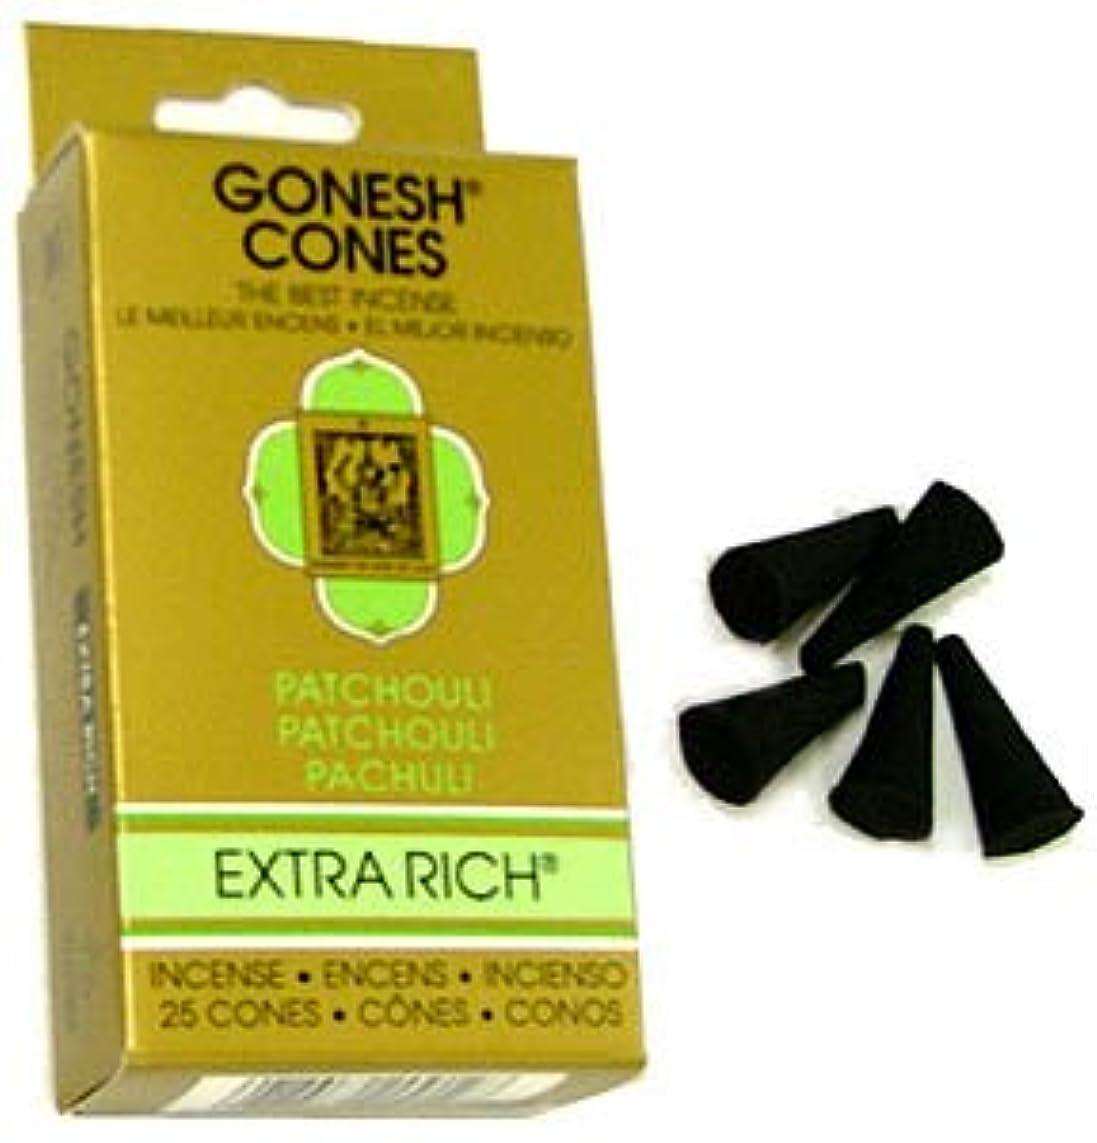 アクチュエータバドミントンチャンピオンシップガーネッシュ(GONESH) エクストラリッチ インセンス コーン パチュリ 25個入(お香)